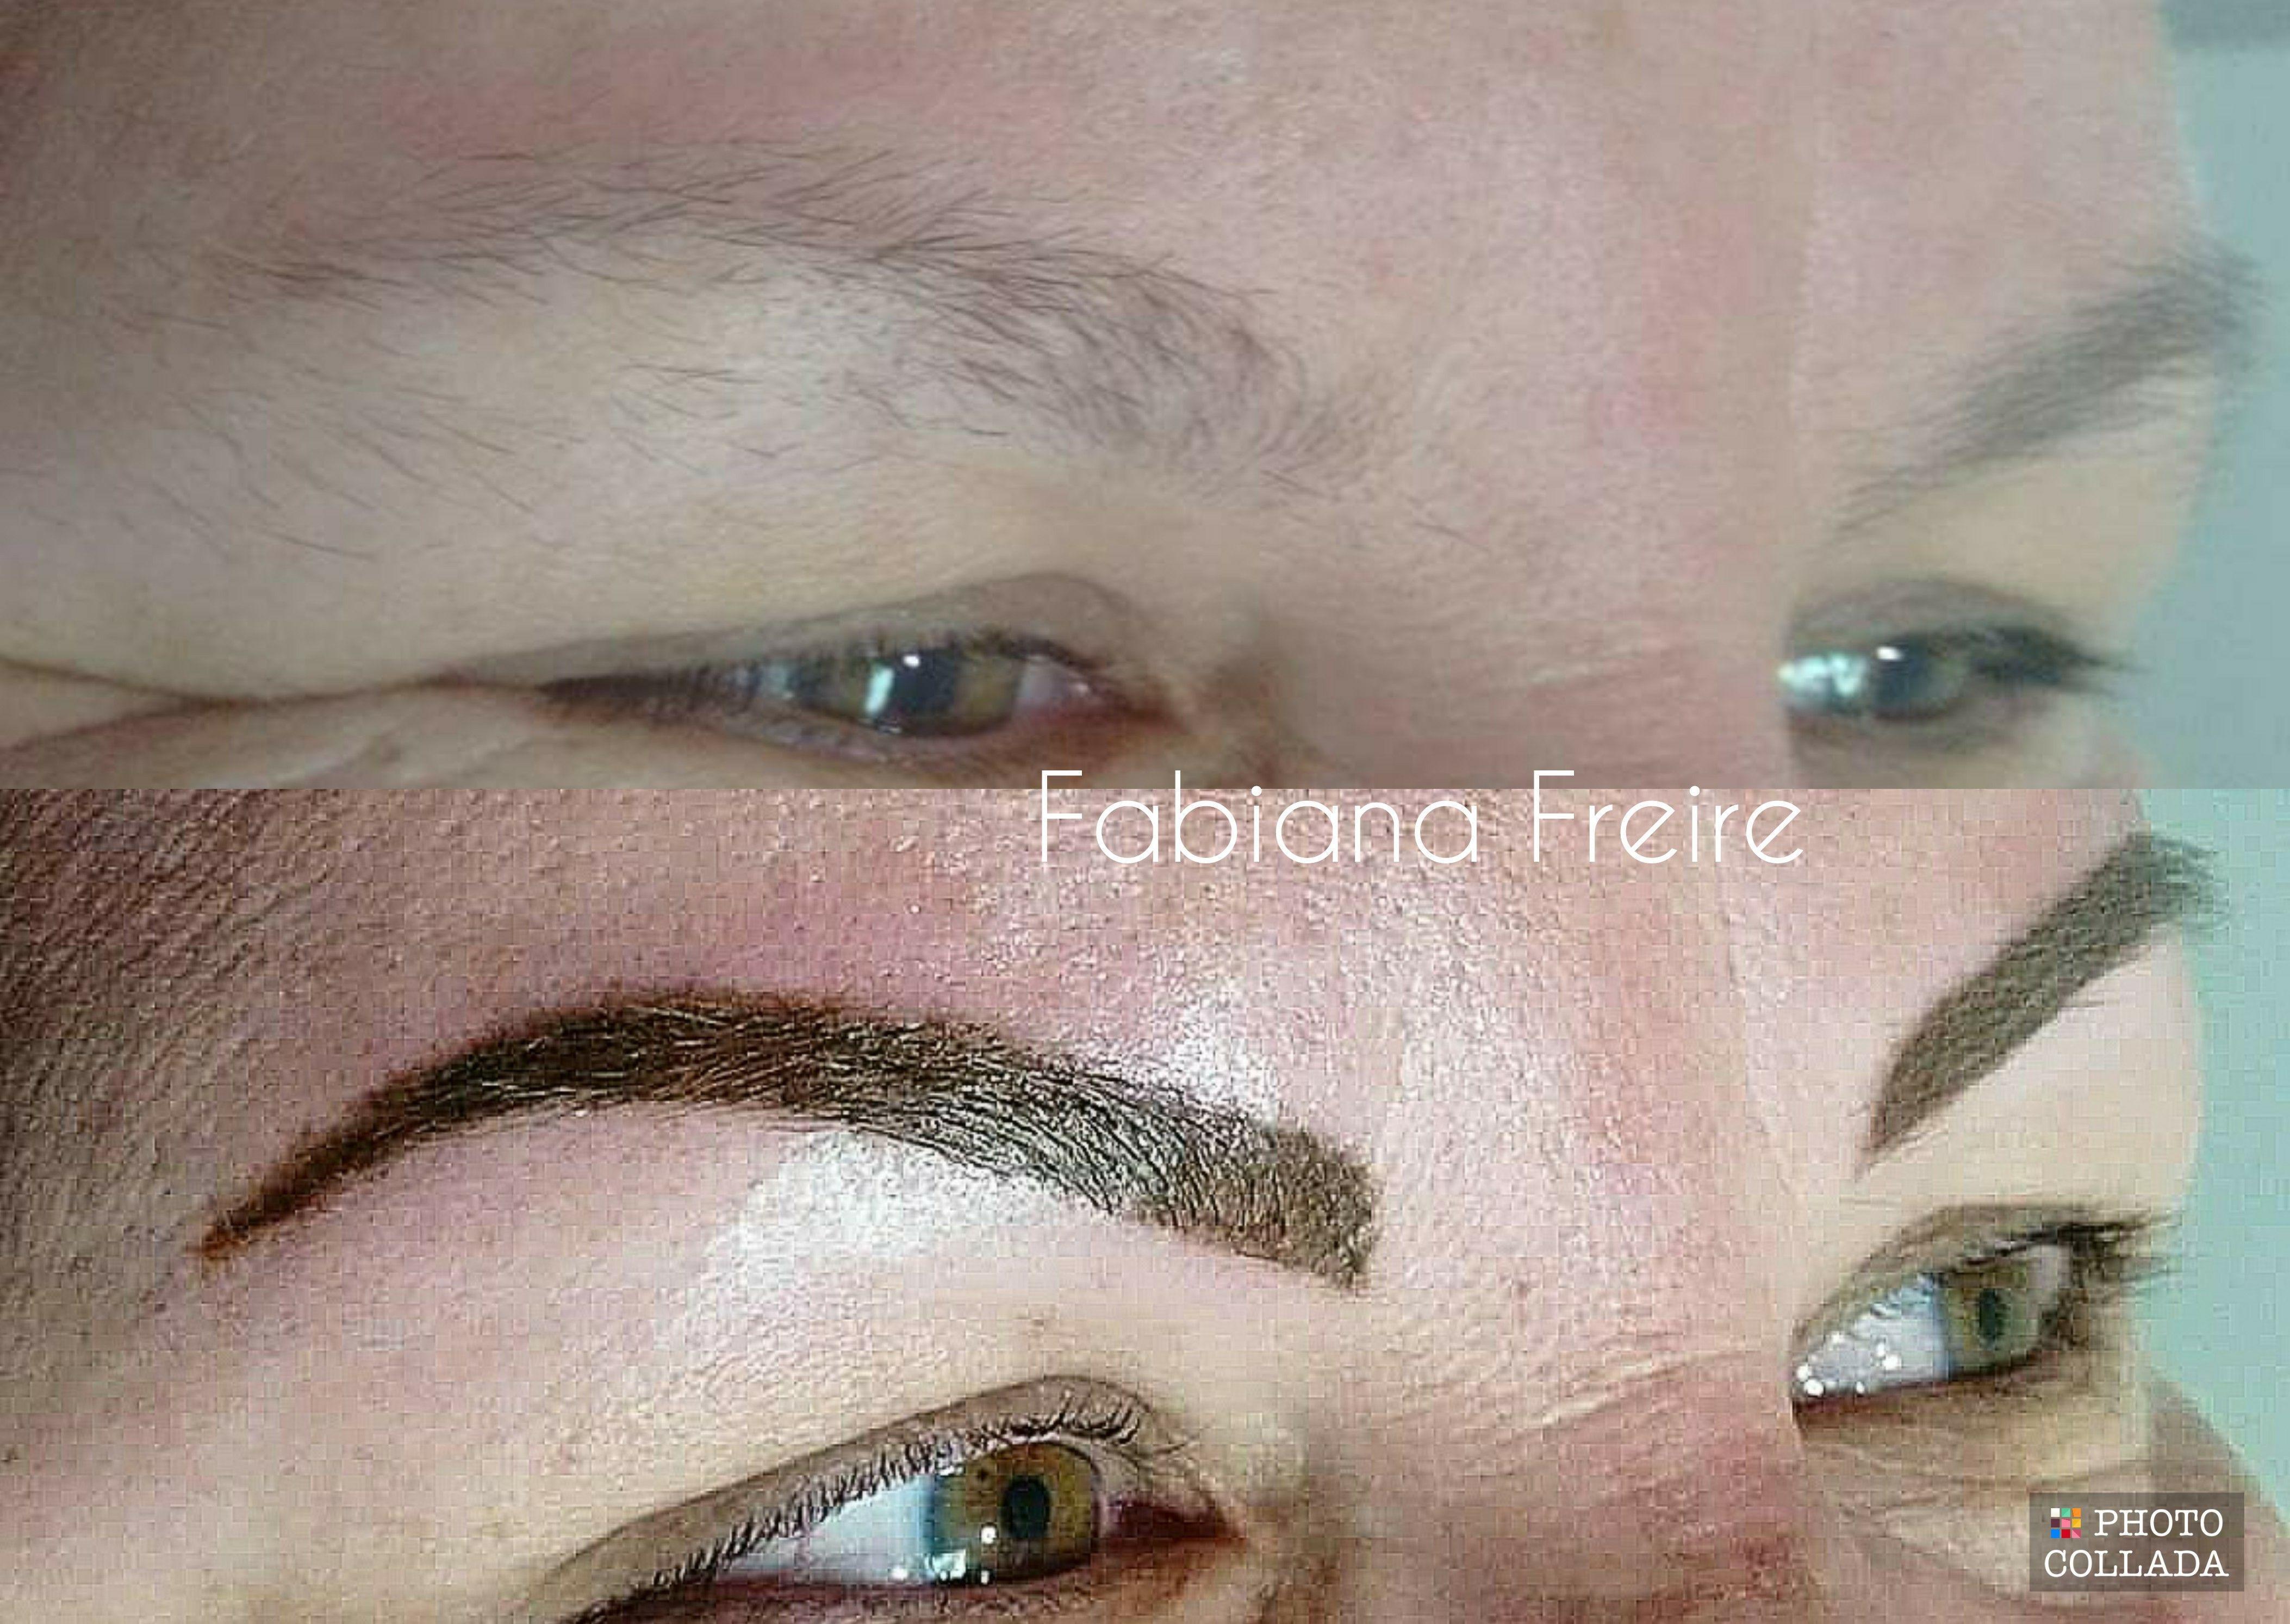 dermopigmentador(a) designer de sobrancelhas esteticista dermopigmentador(a)